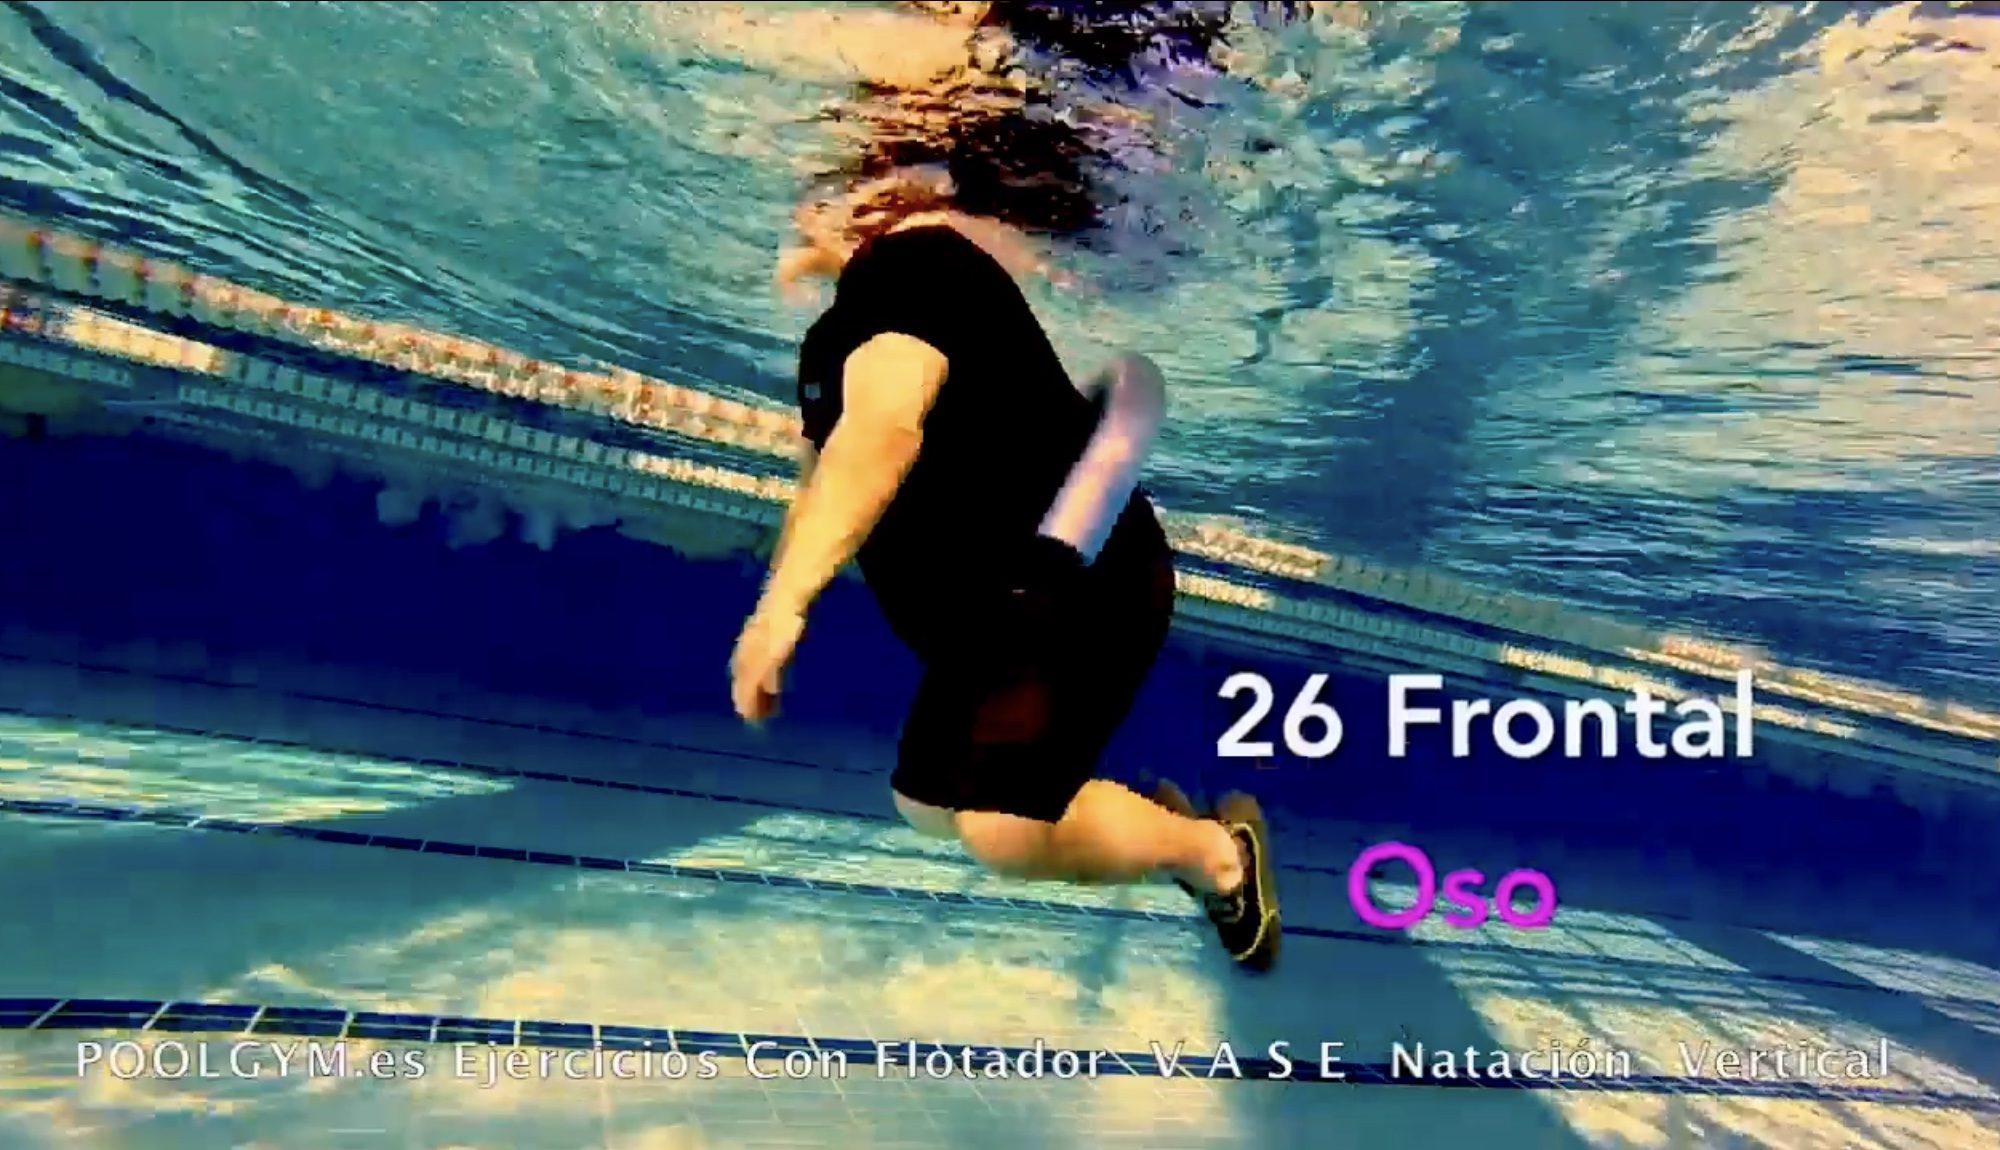 26 Frontal OSO poolgym.ES